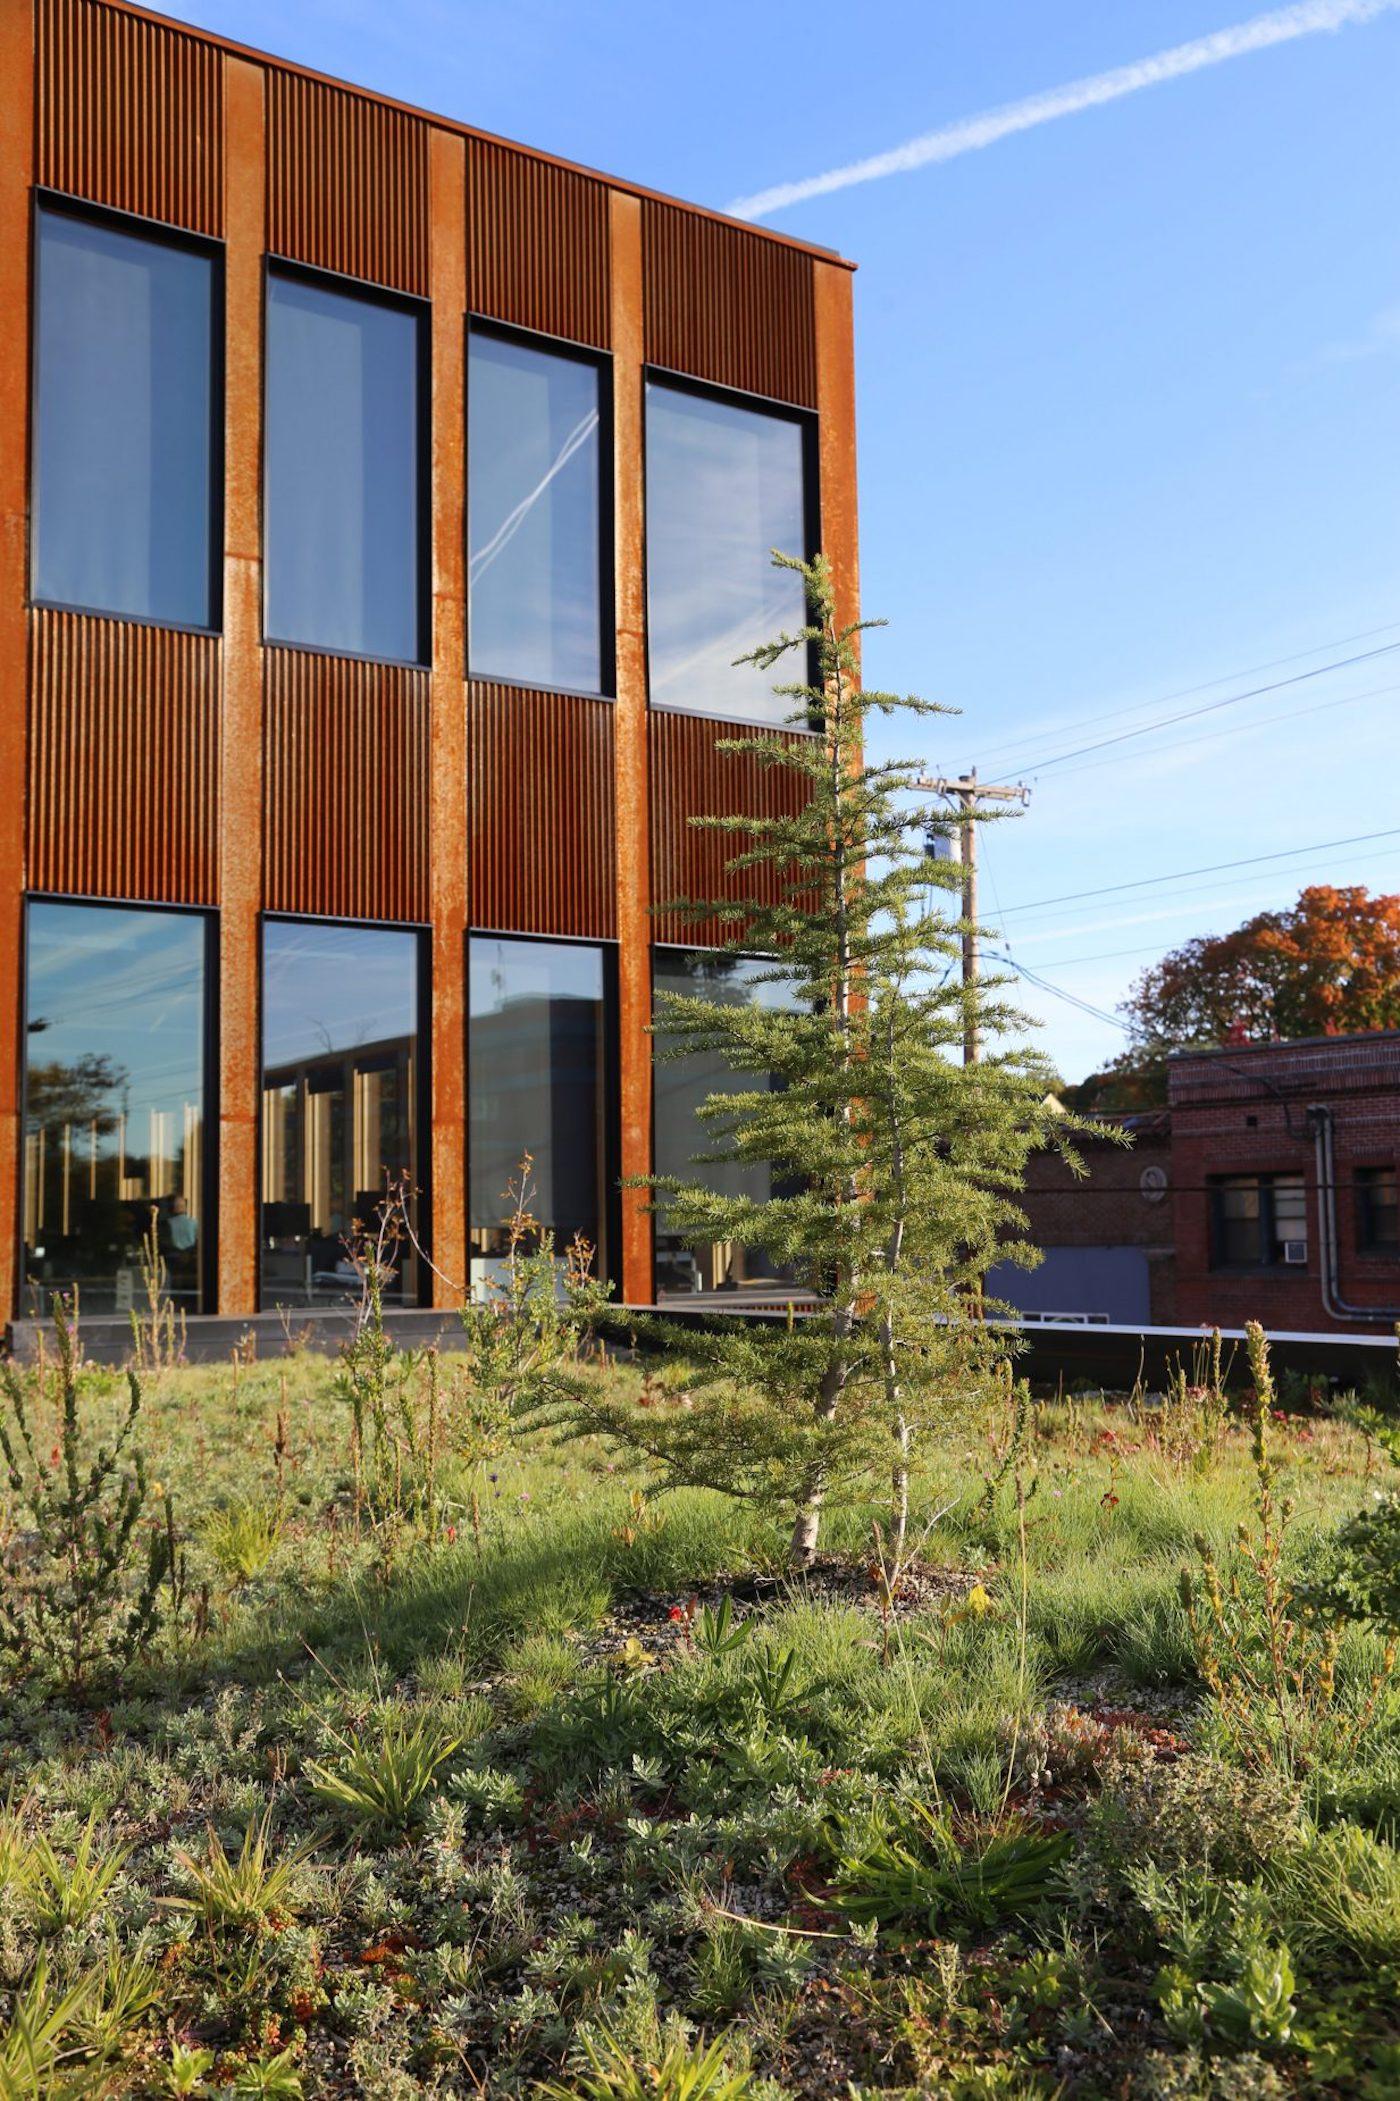 Rooftop garden next to weathering steel facade